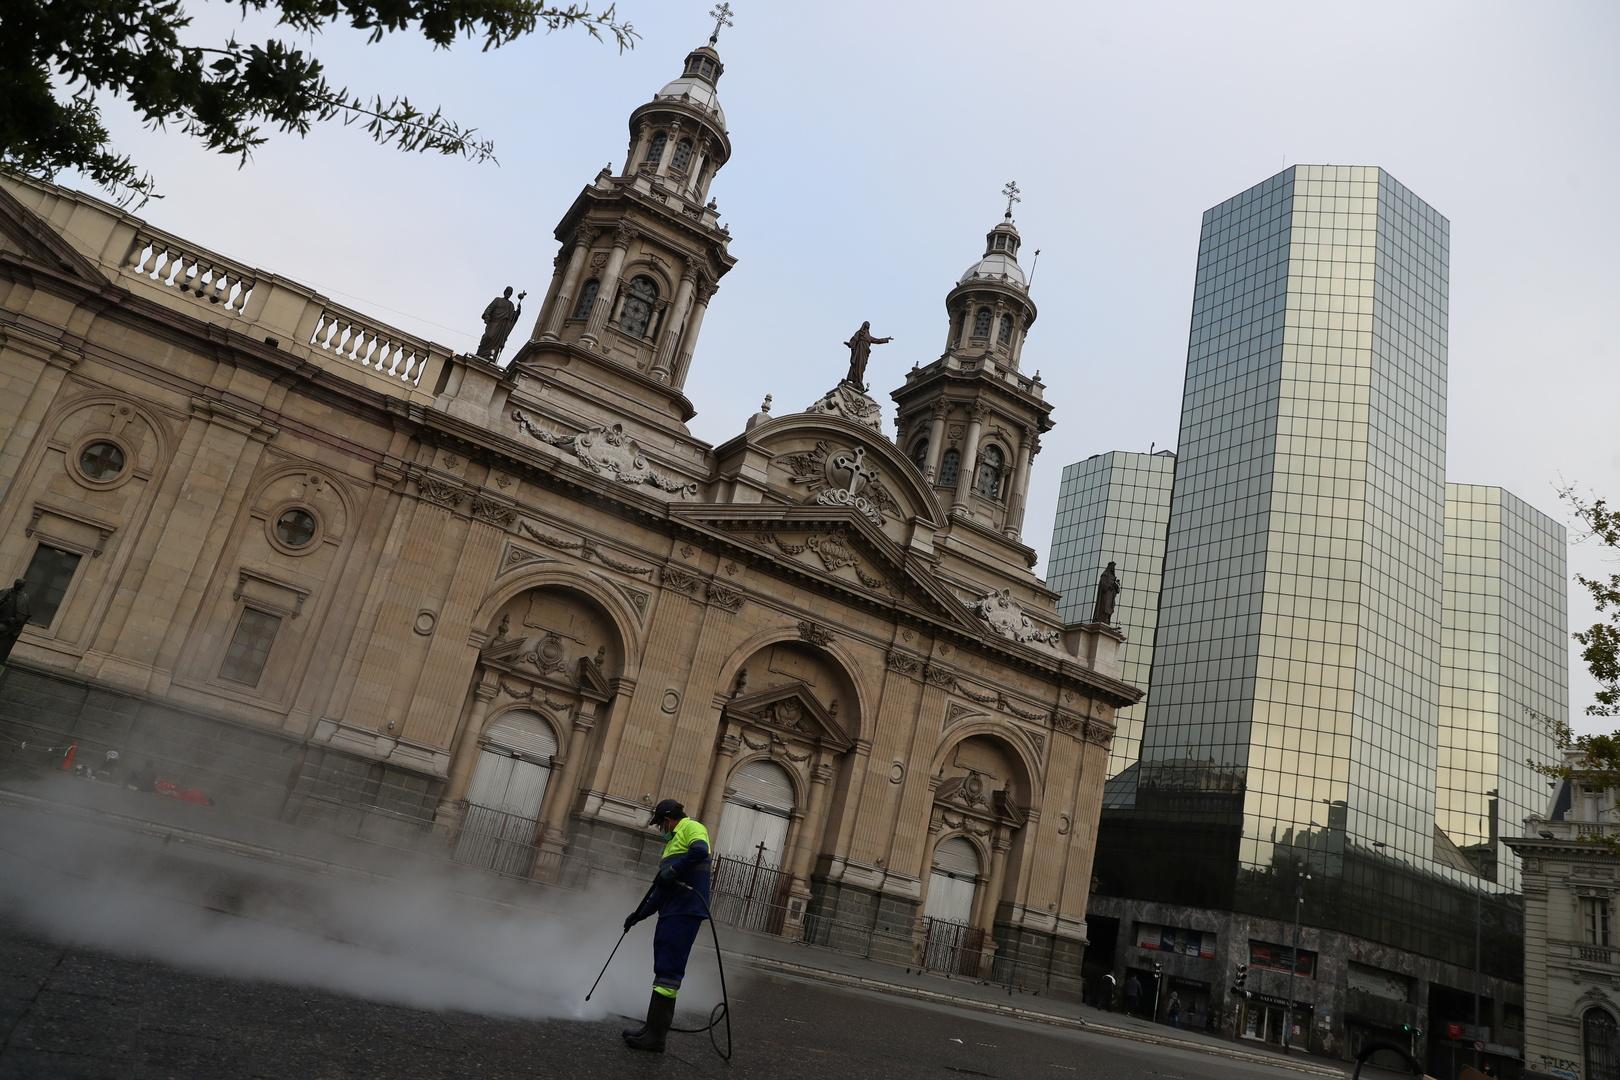 عاصمة تشيلي سانتياغو في زمن جائحة فيروس كورونا.